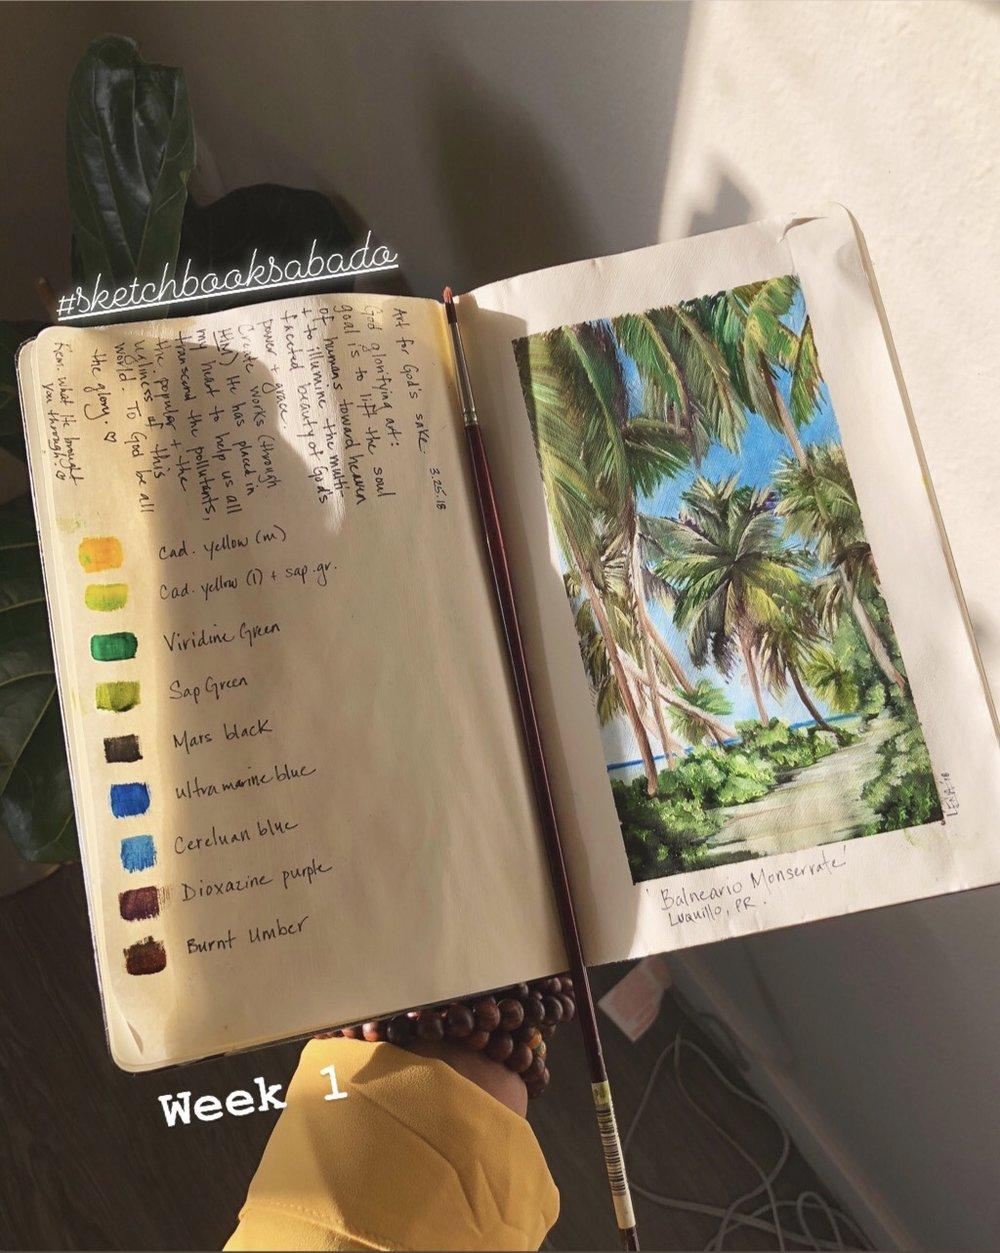 Sketchbooksabado by Lena del Sol Langaigne Puerto Rican Artist .jpg